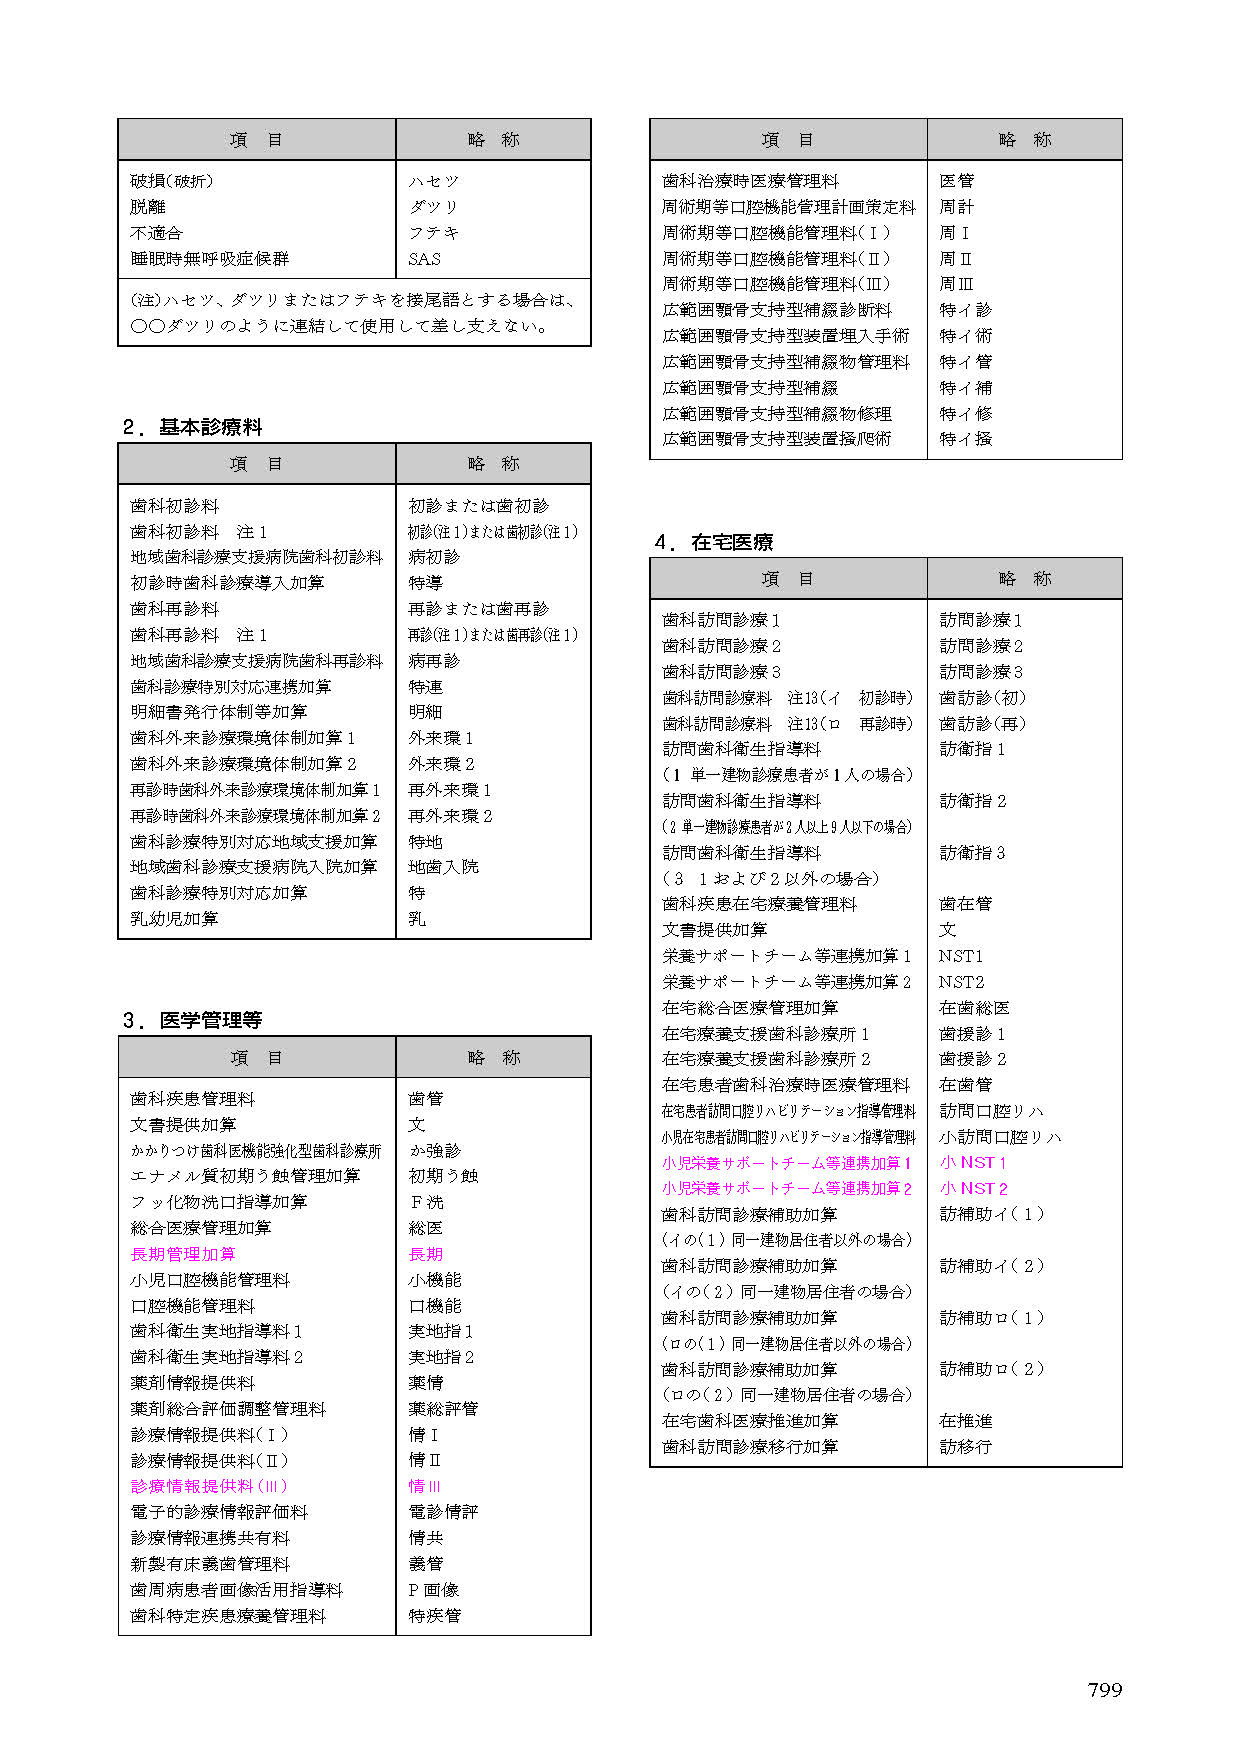 pdf 雑誌 ダウンロード ソフト